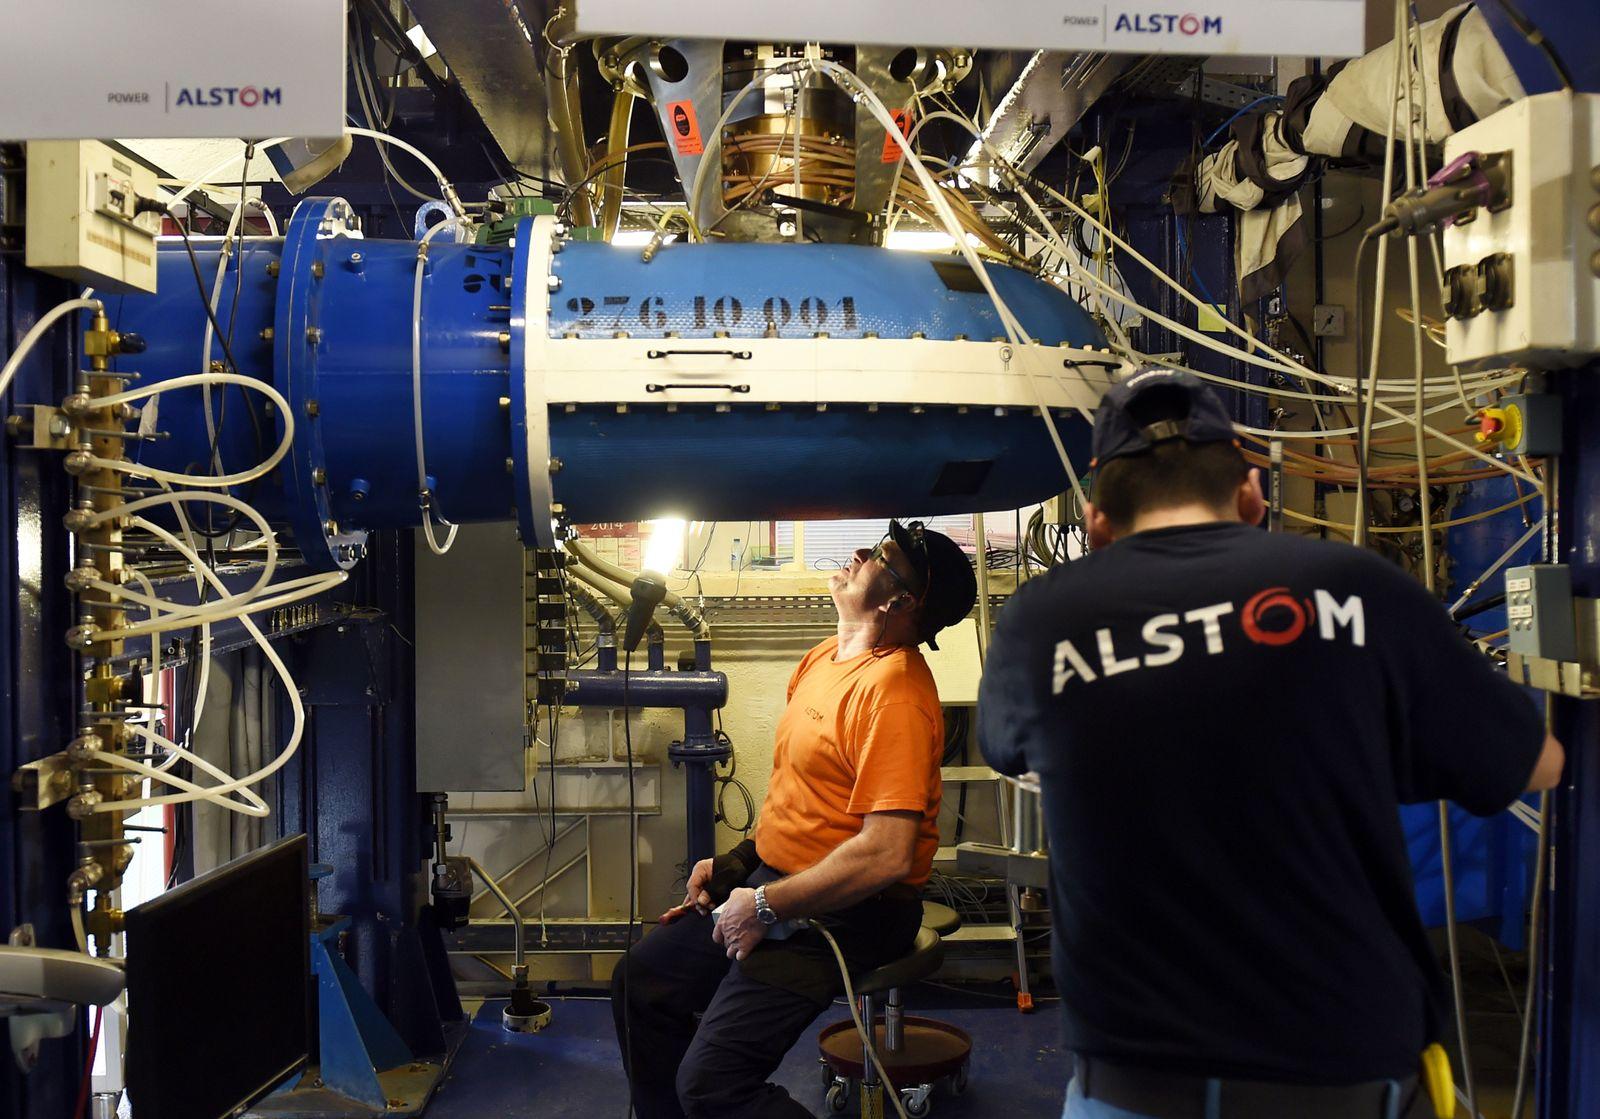 Frankreich / Alstom Produktion